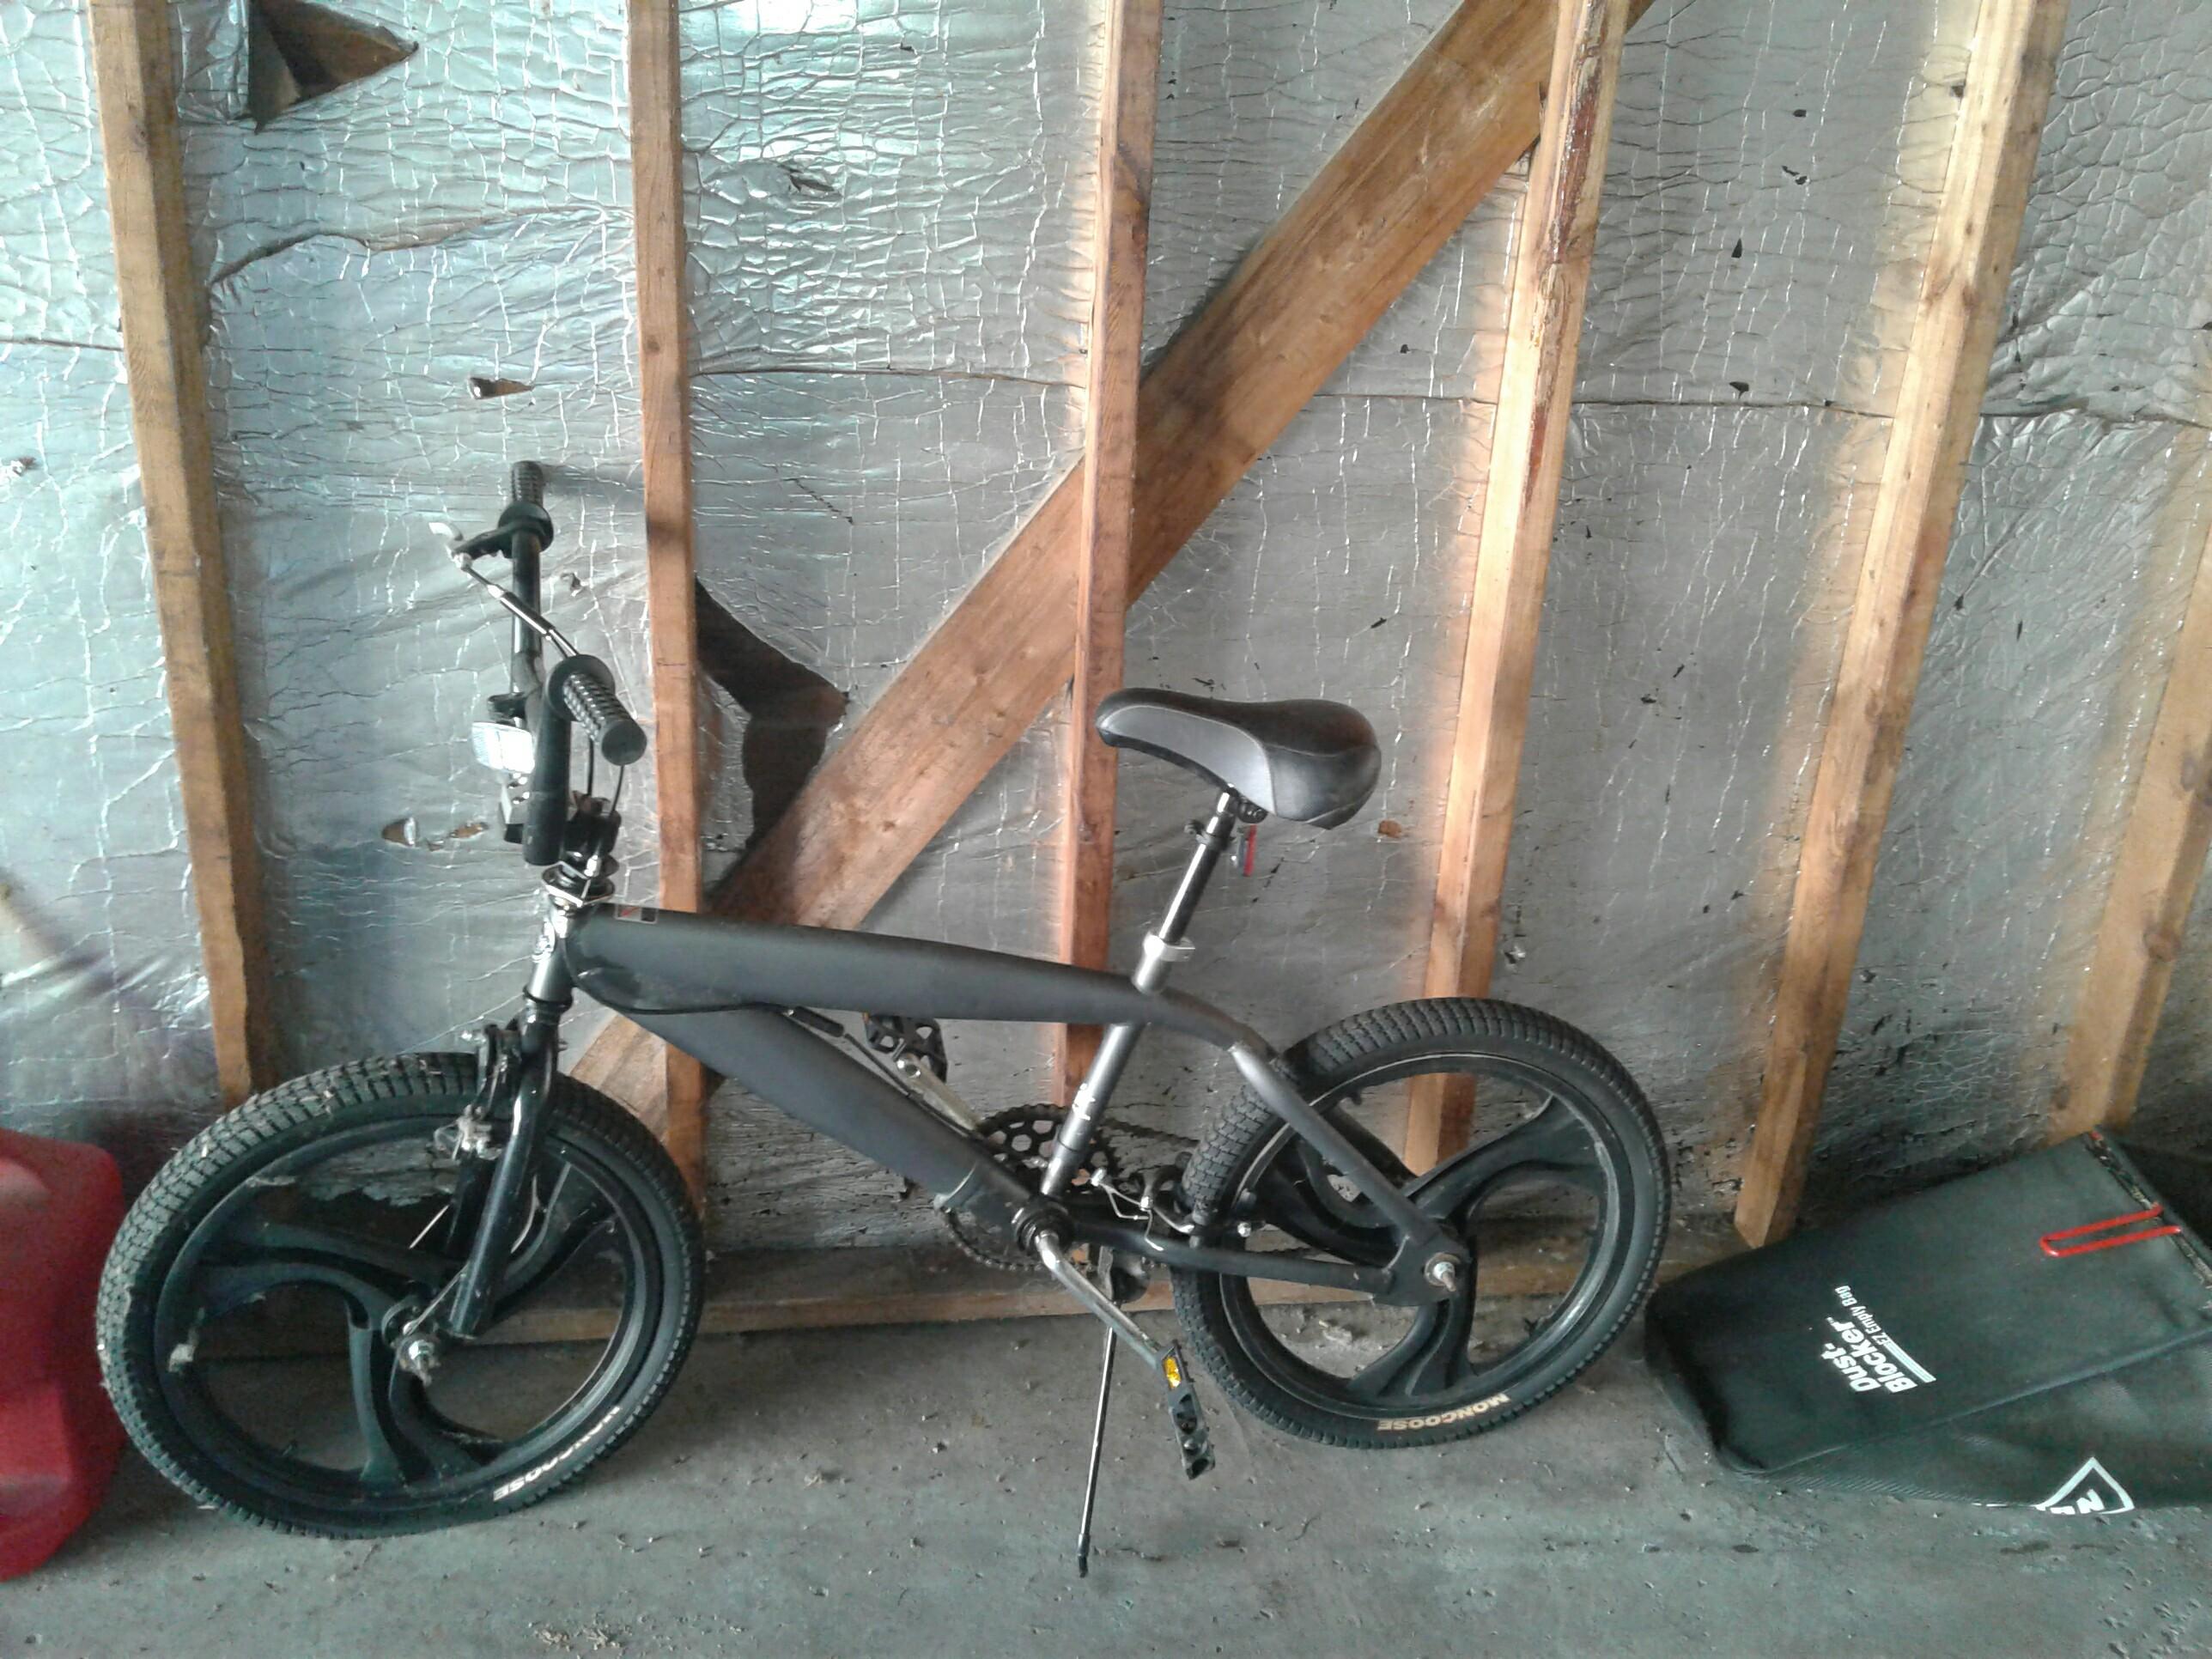 Paul S Bike Depot 28057 Gratiot Ave Roseville Mi 48066